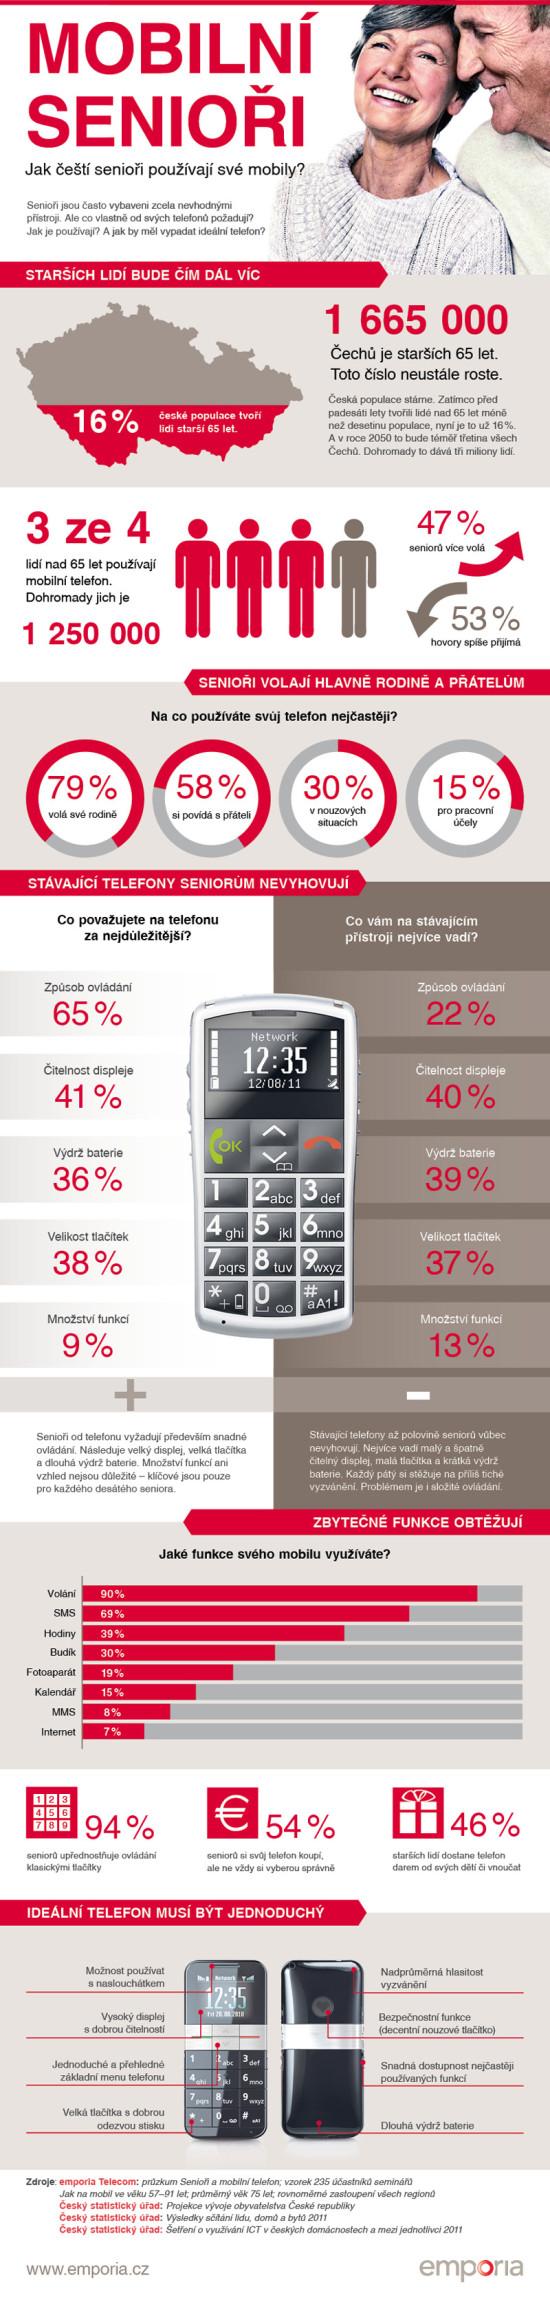 Senioři a mobilní telefony - infografika